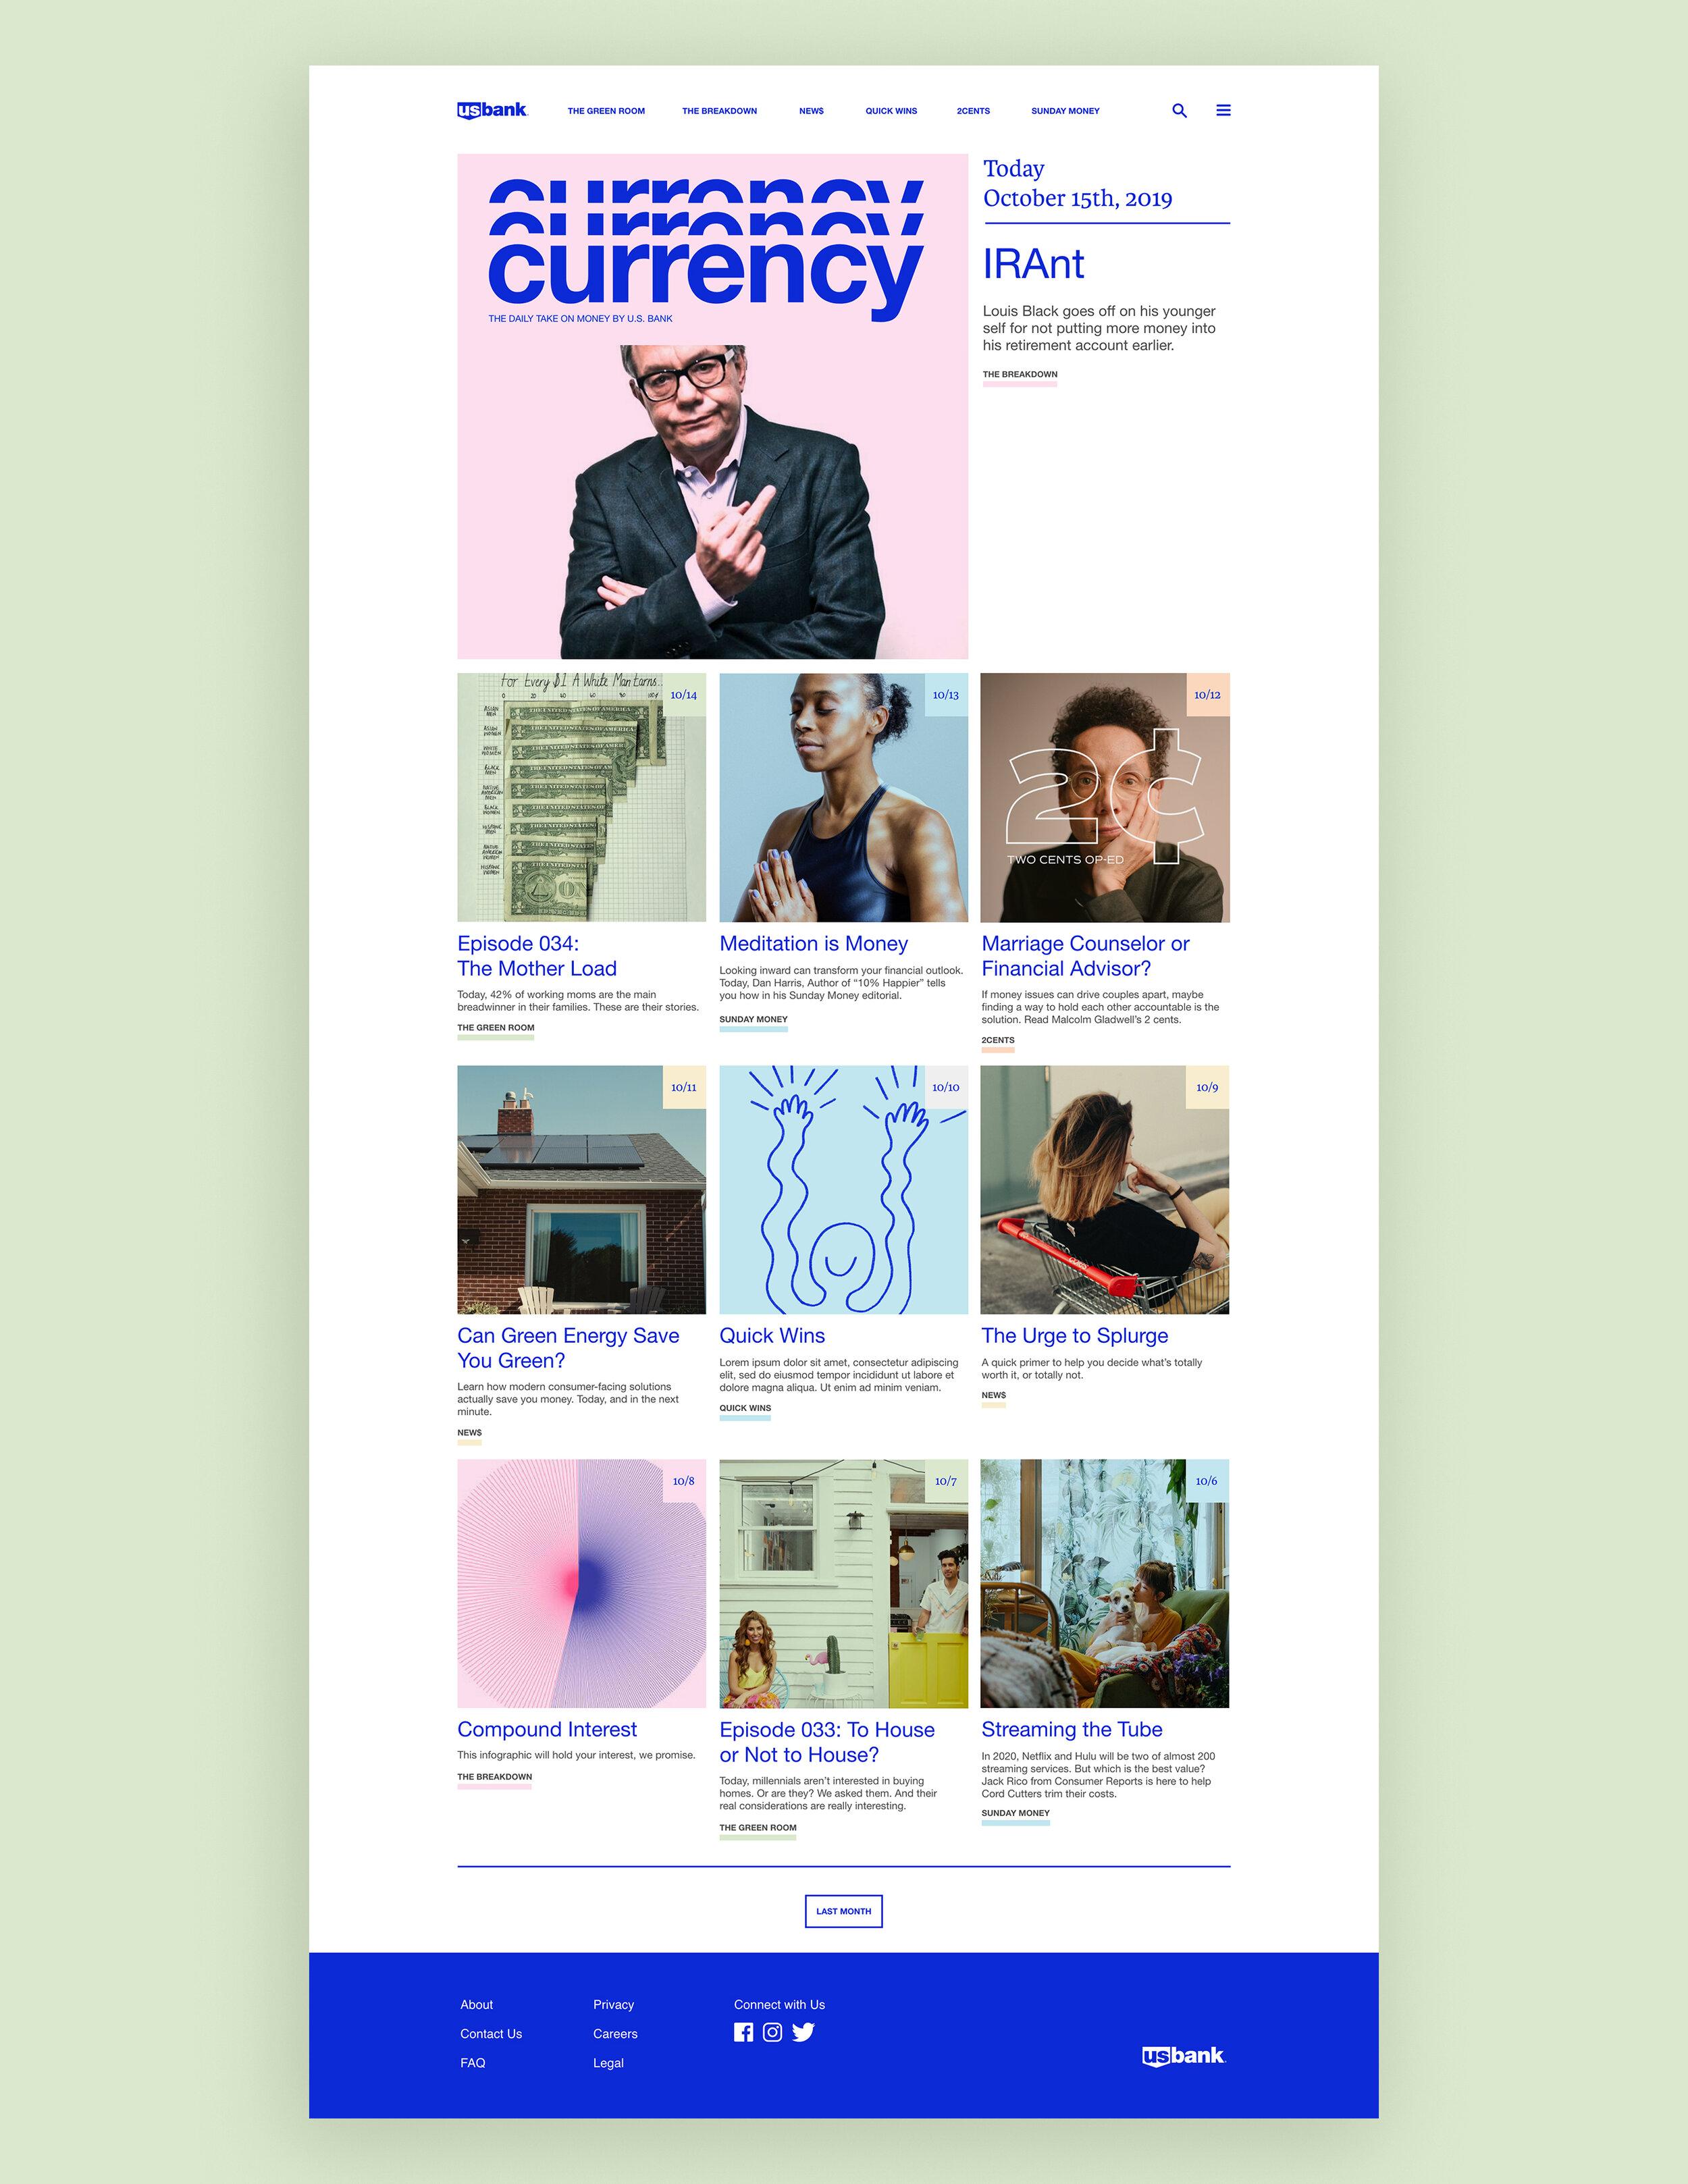 A calendar-esque news feed concept for U.S. Bank